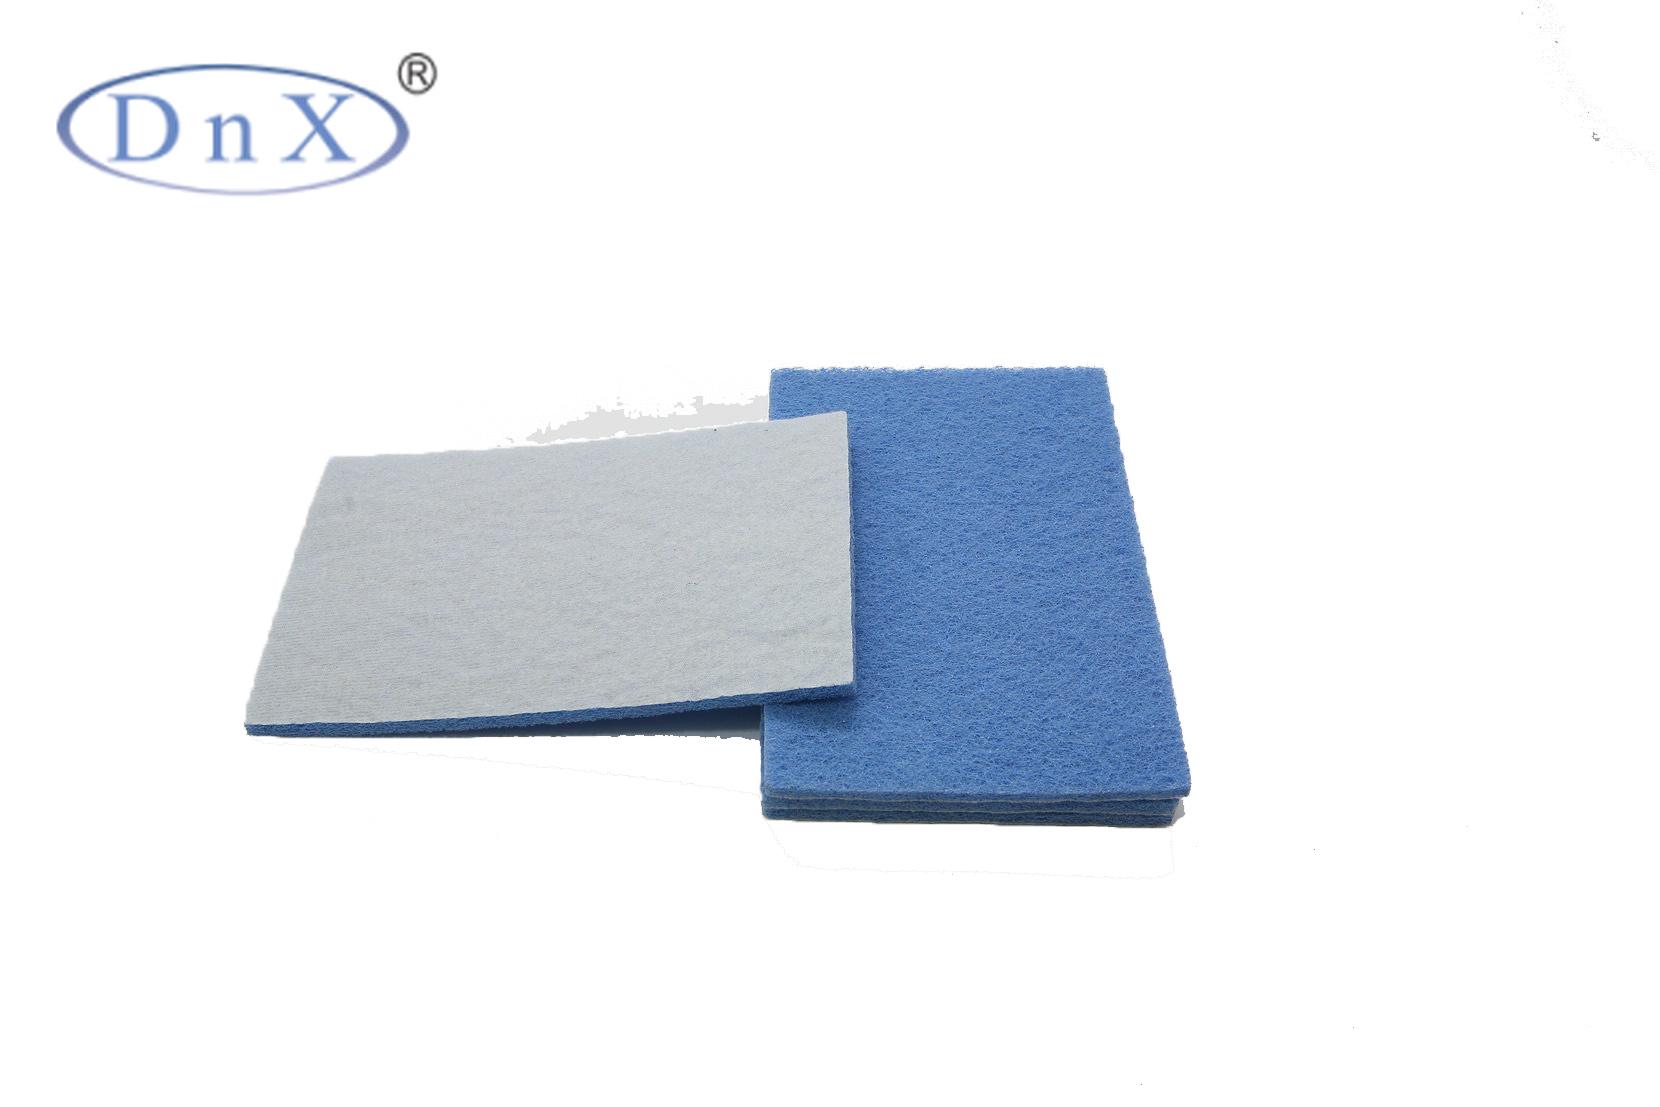 蓝色植绒方形百洁布